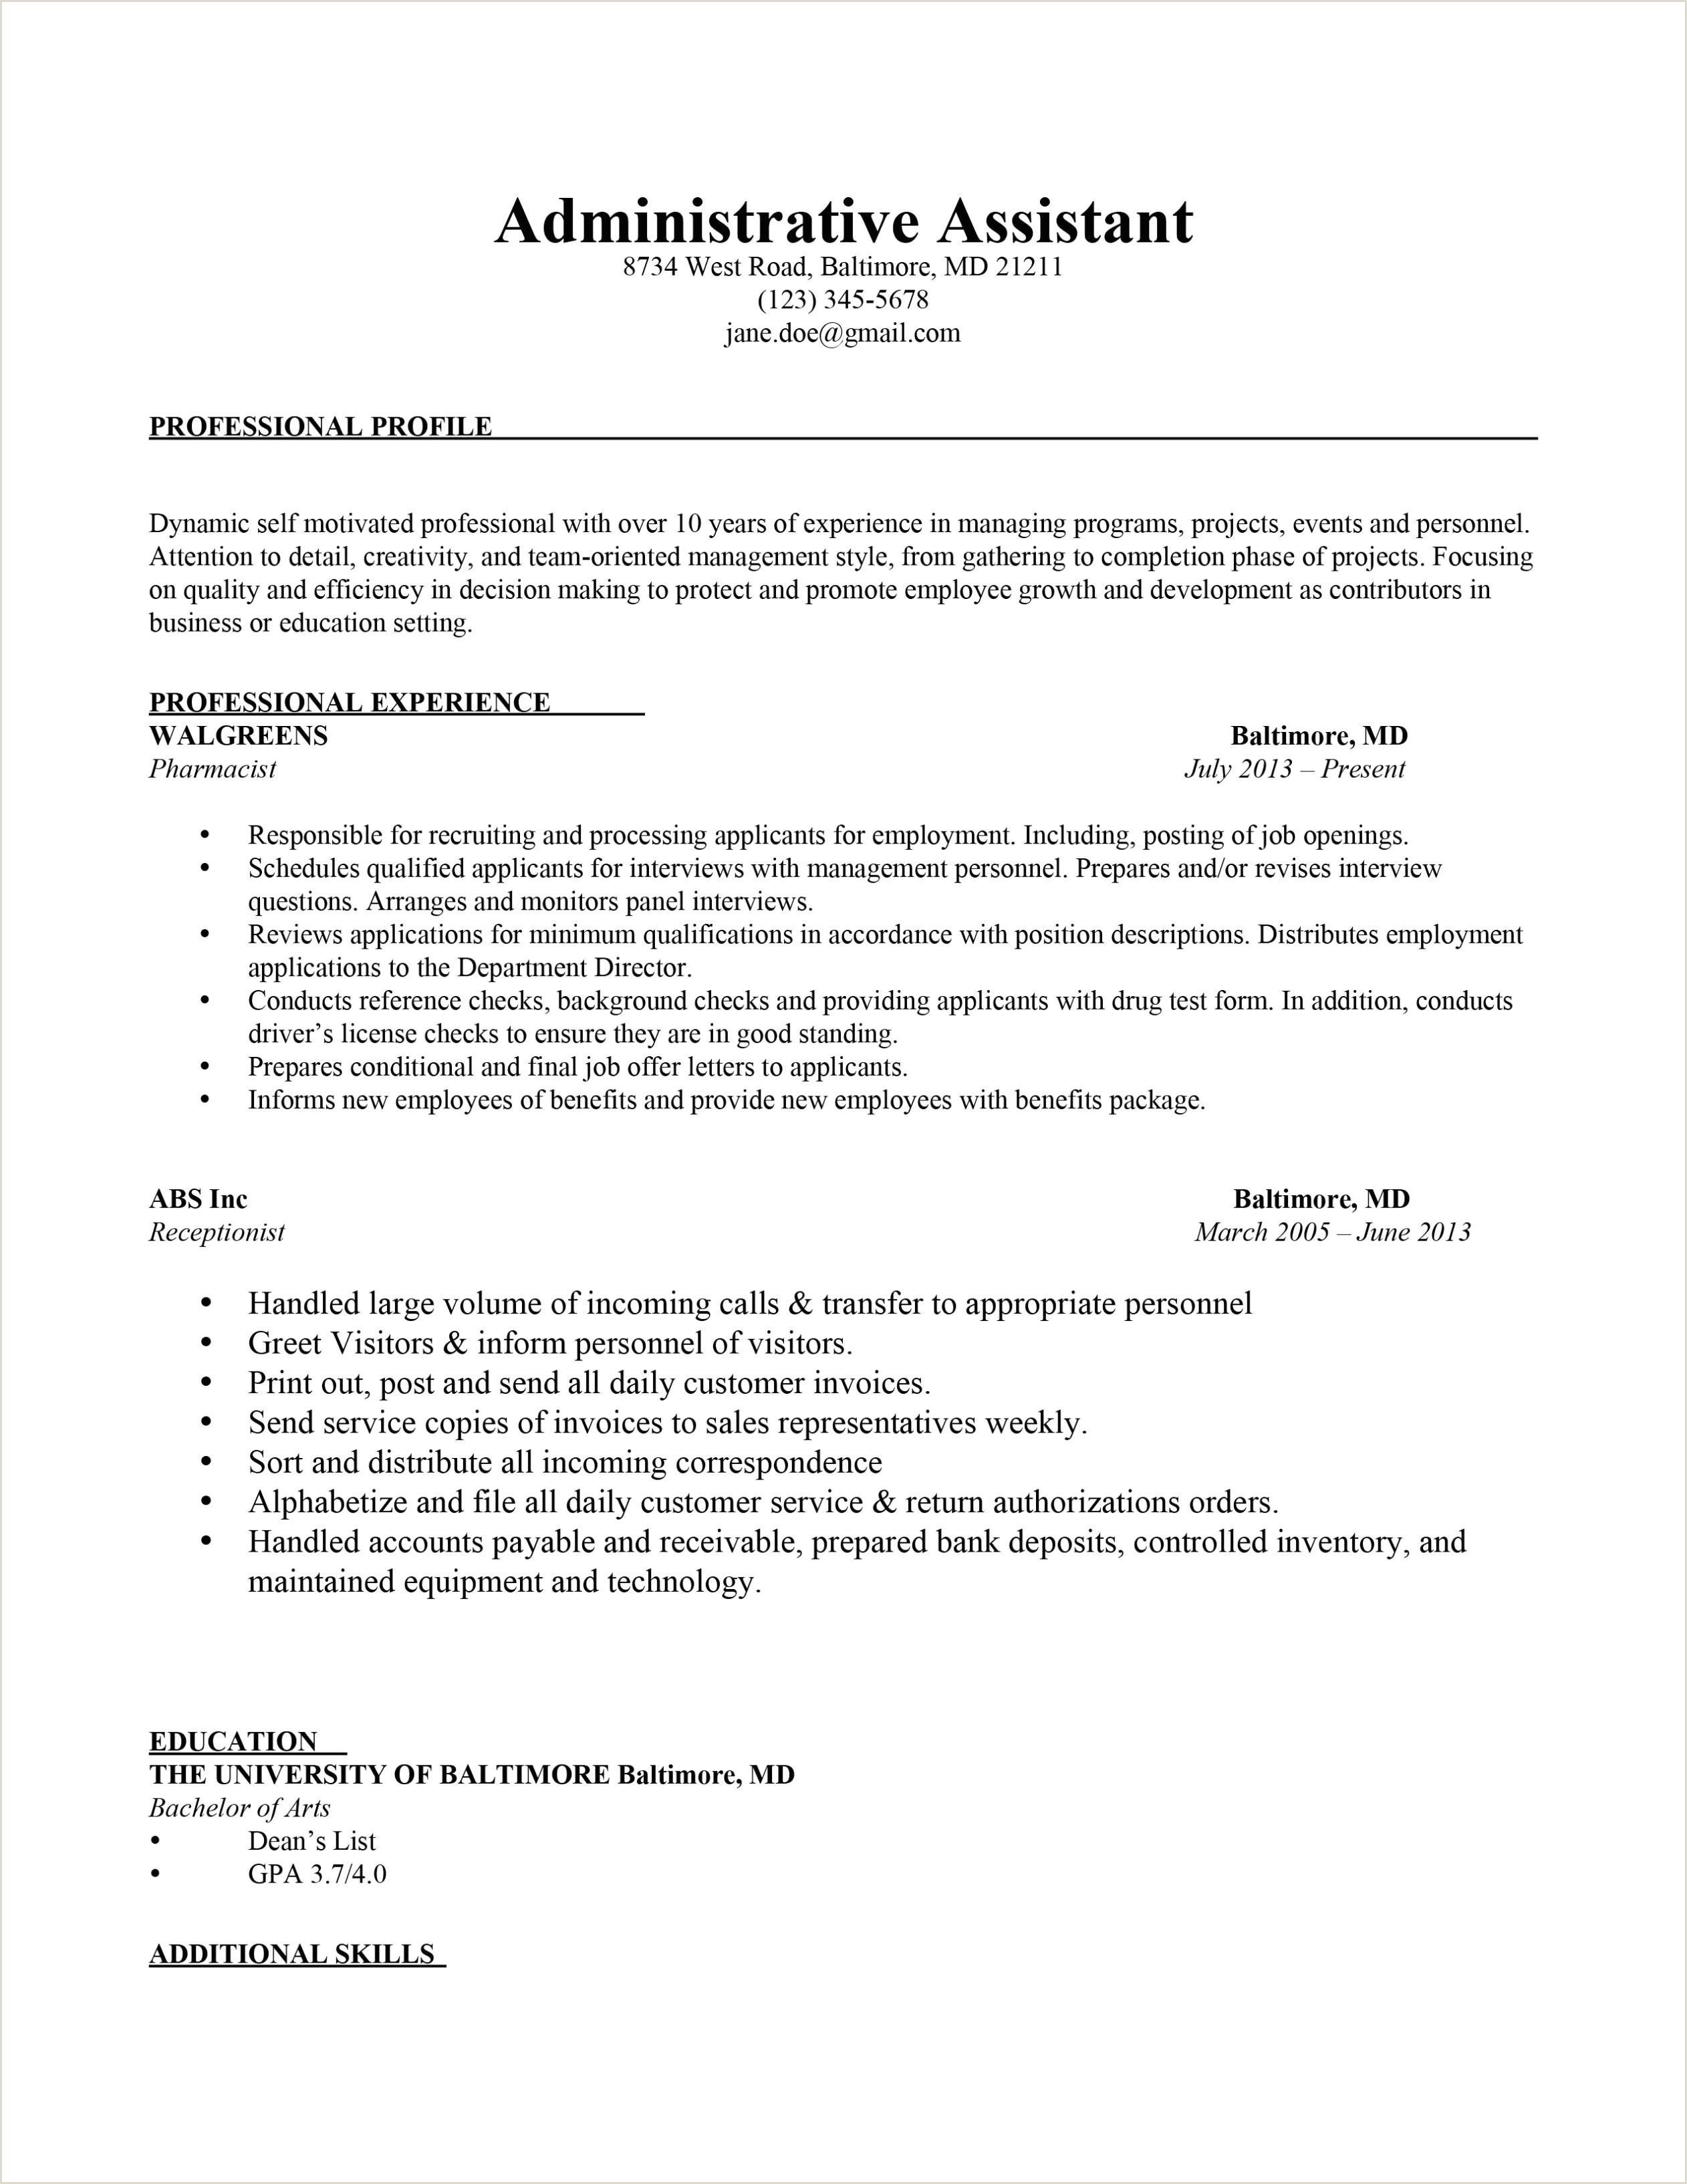 Banking Cover Letter Sample New Resume Cover Letter Sample